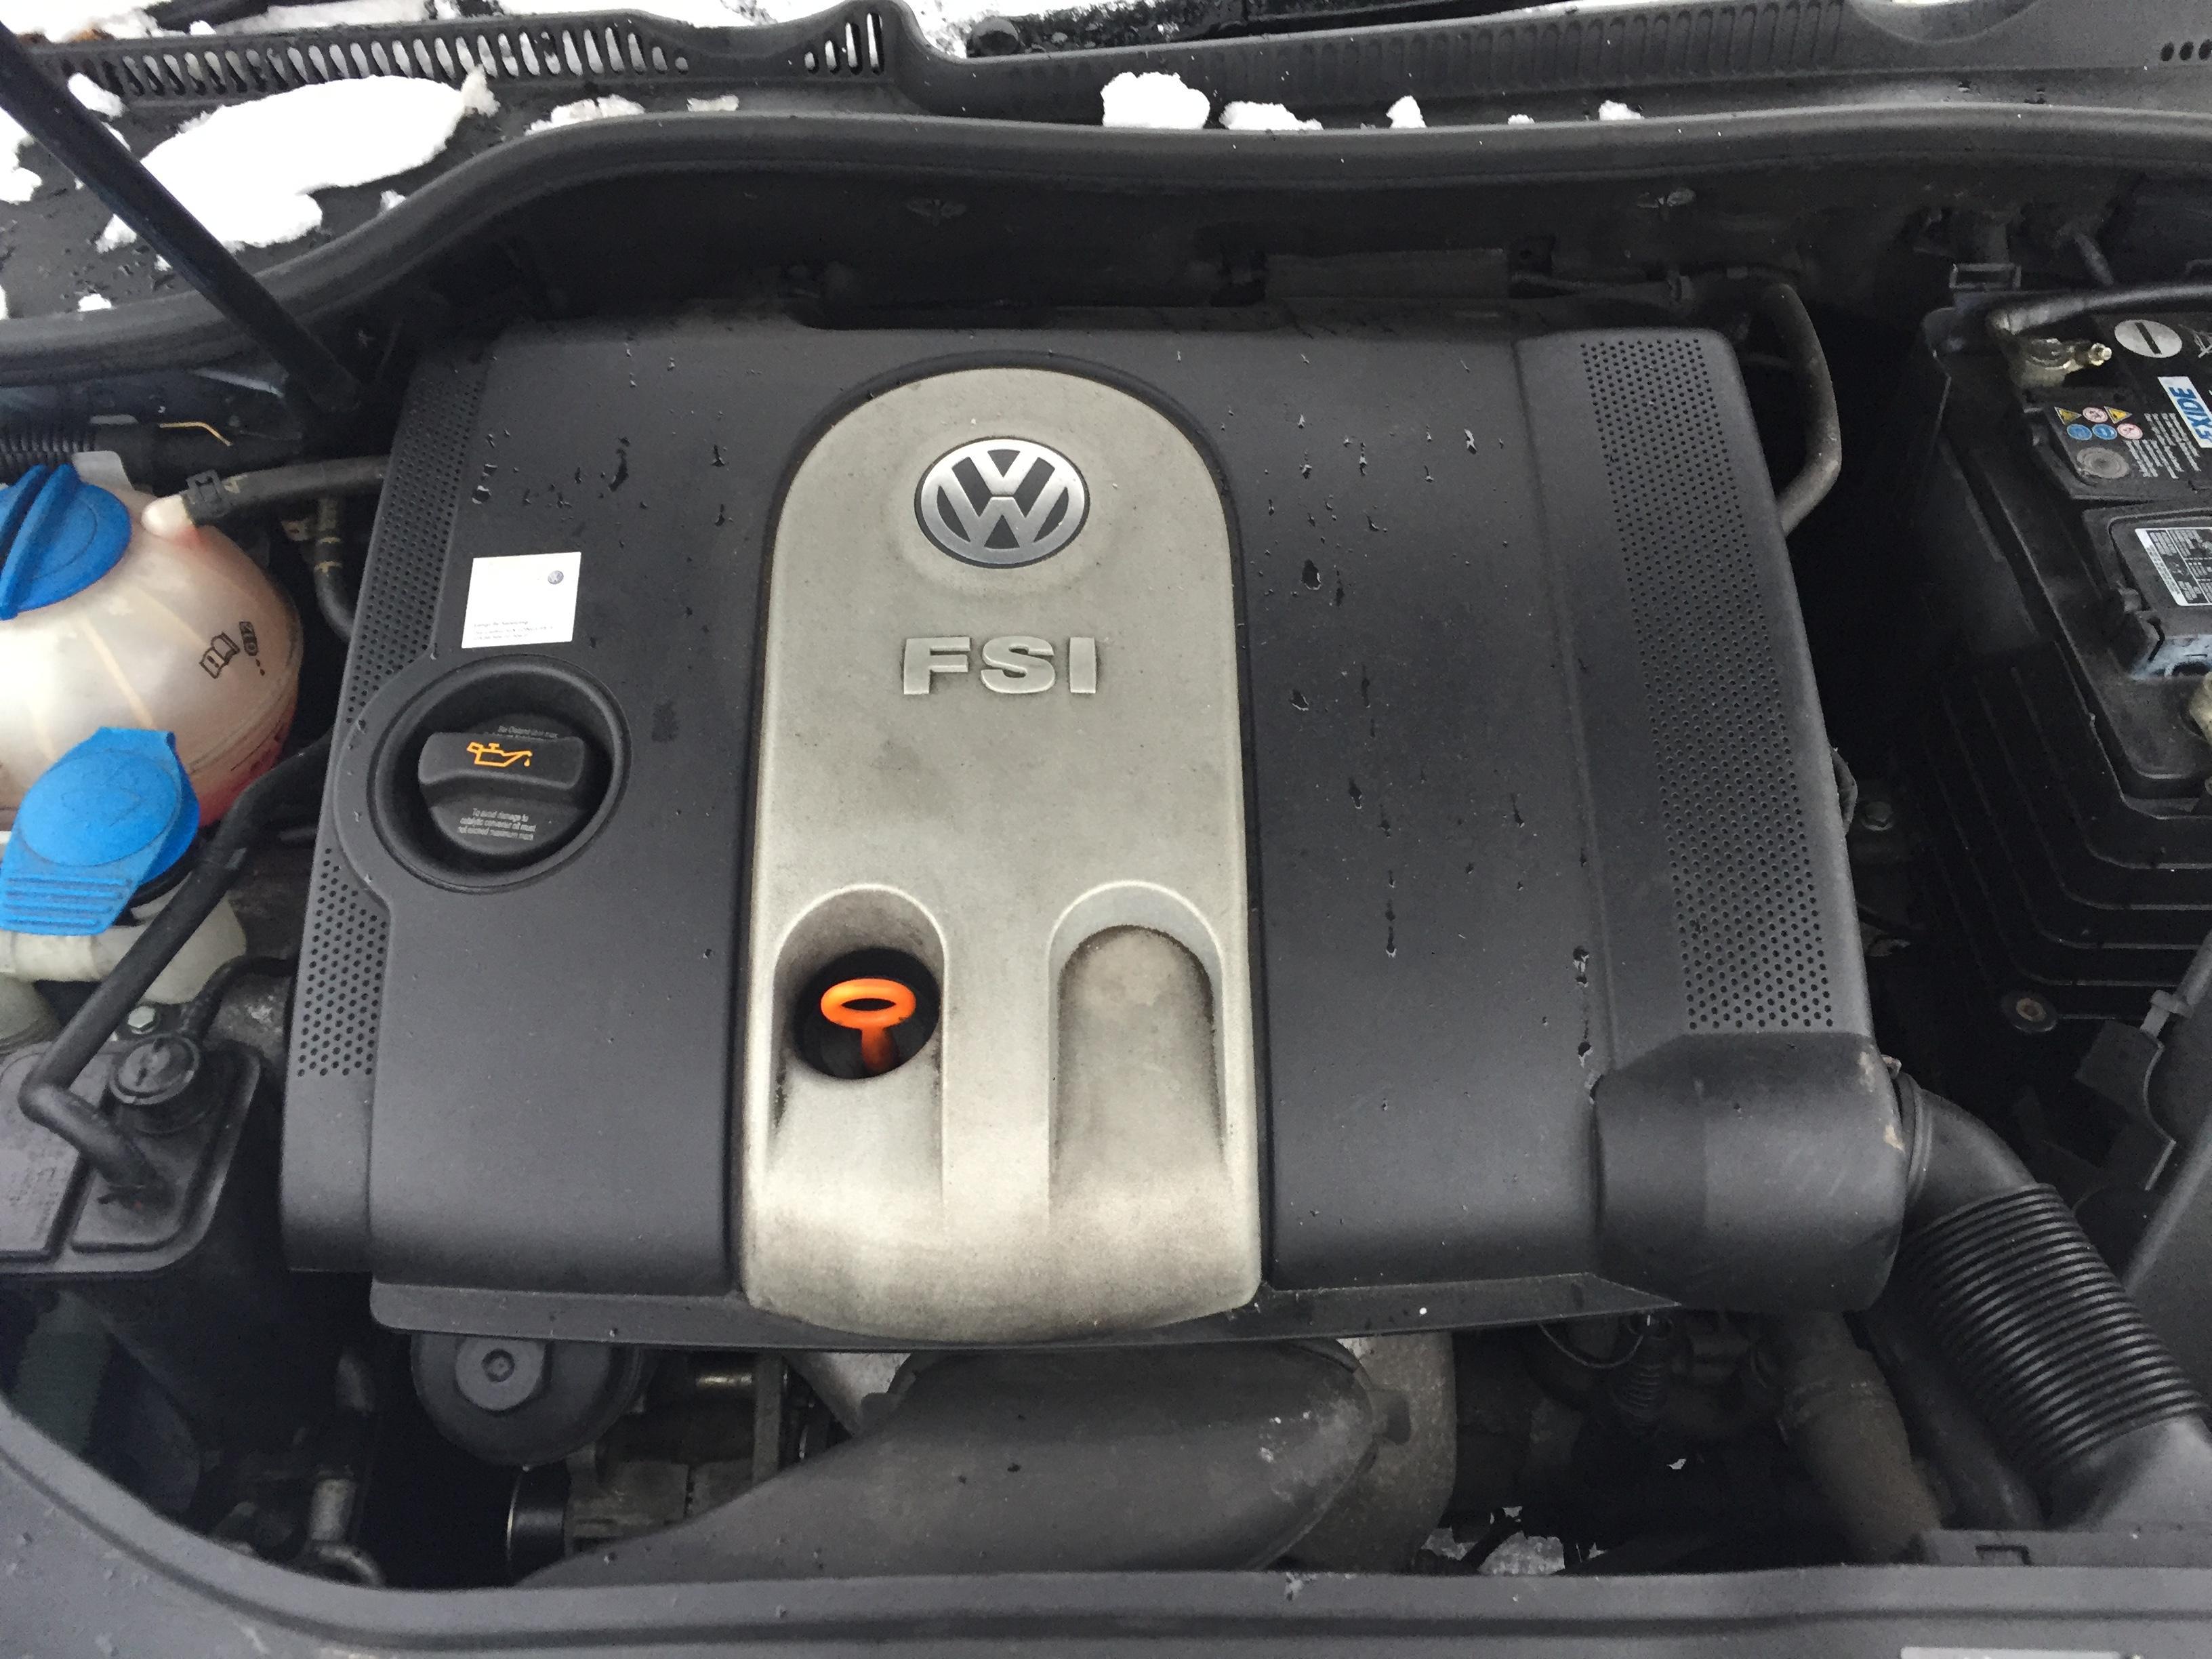 Подержанные Автозапчасти Foto 5 Volkswagen GOLF 2006 1.6 машиностроение хэтчбэк 4/5 d. синий 2017-12-07 A3549